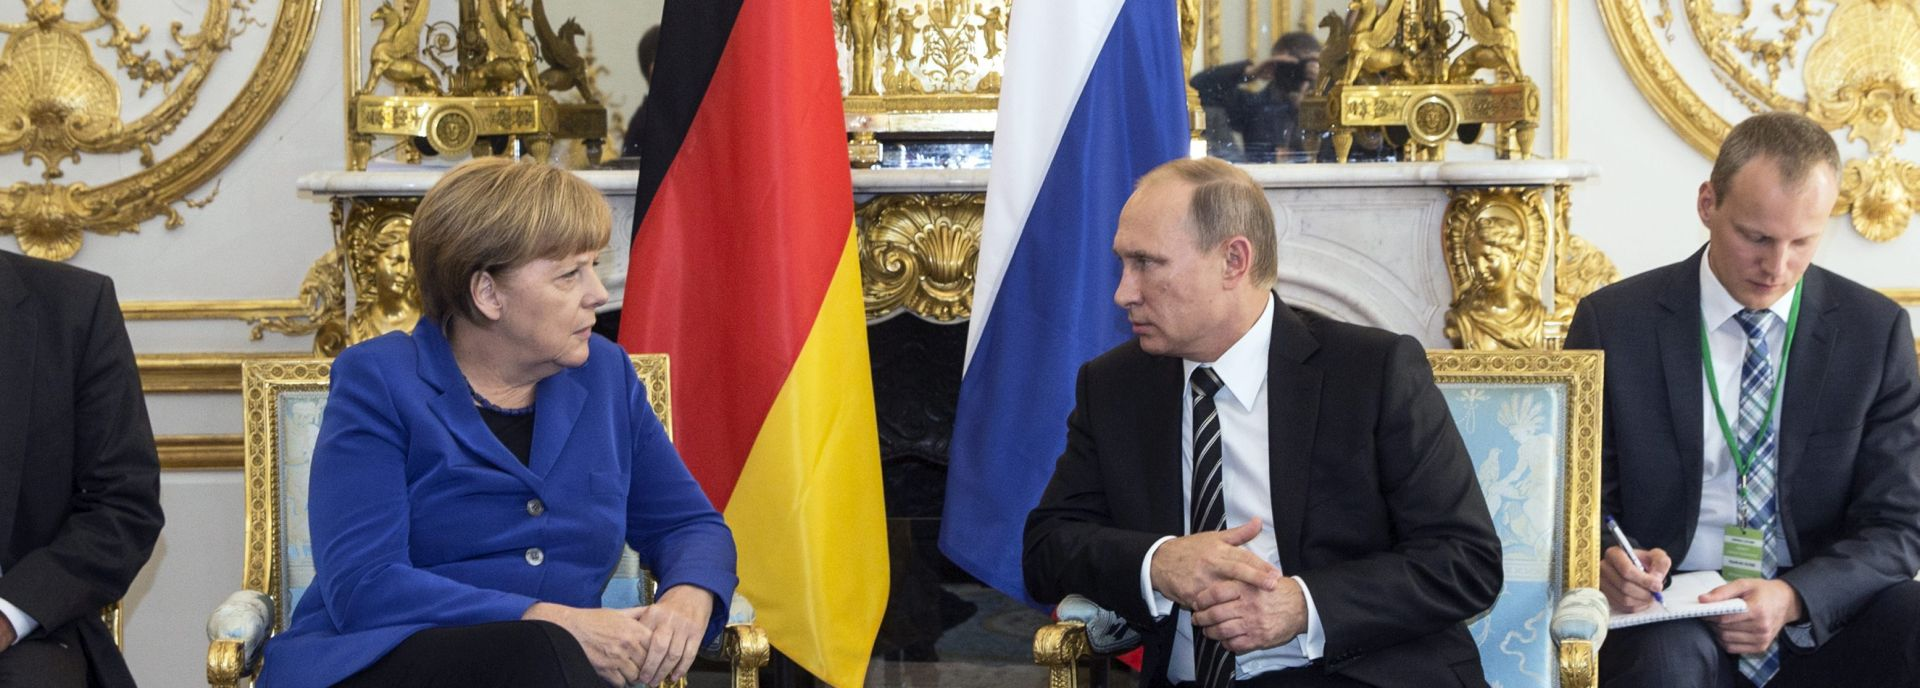 KOMPLICIRANO Putin: Njemačka i Rusija moraju zadržati bliske odnose